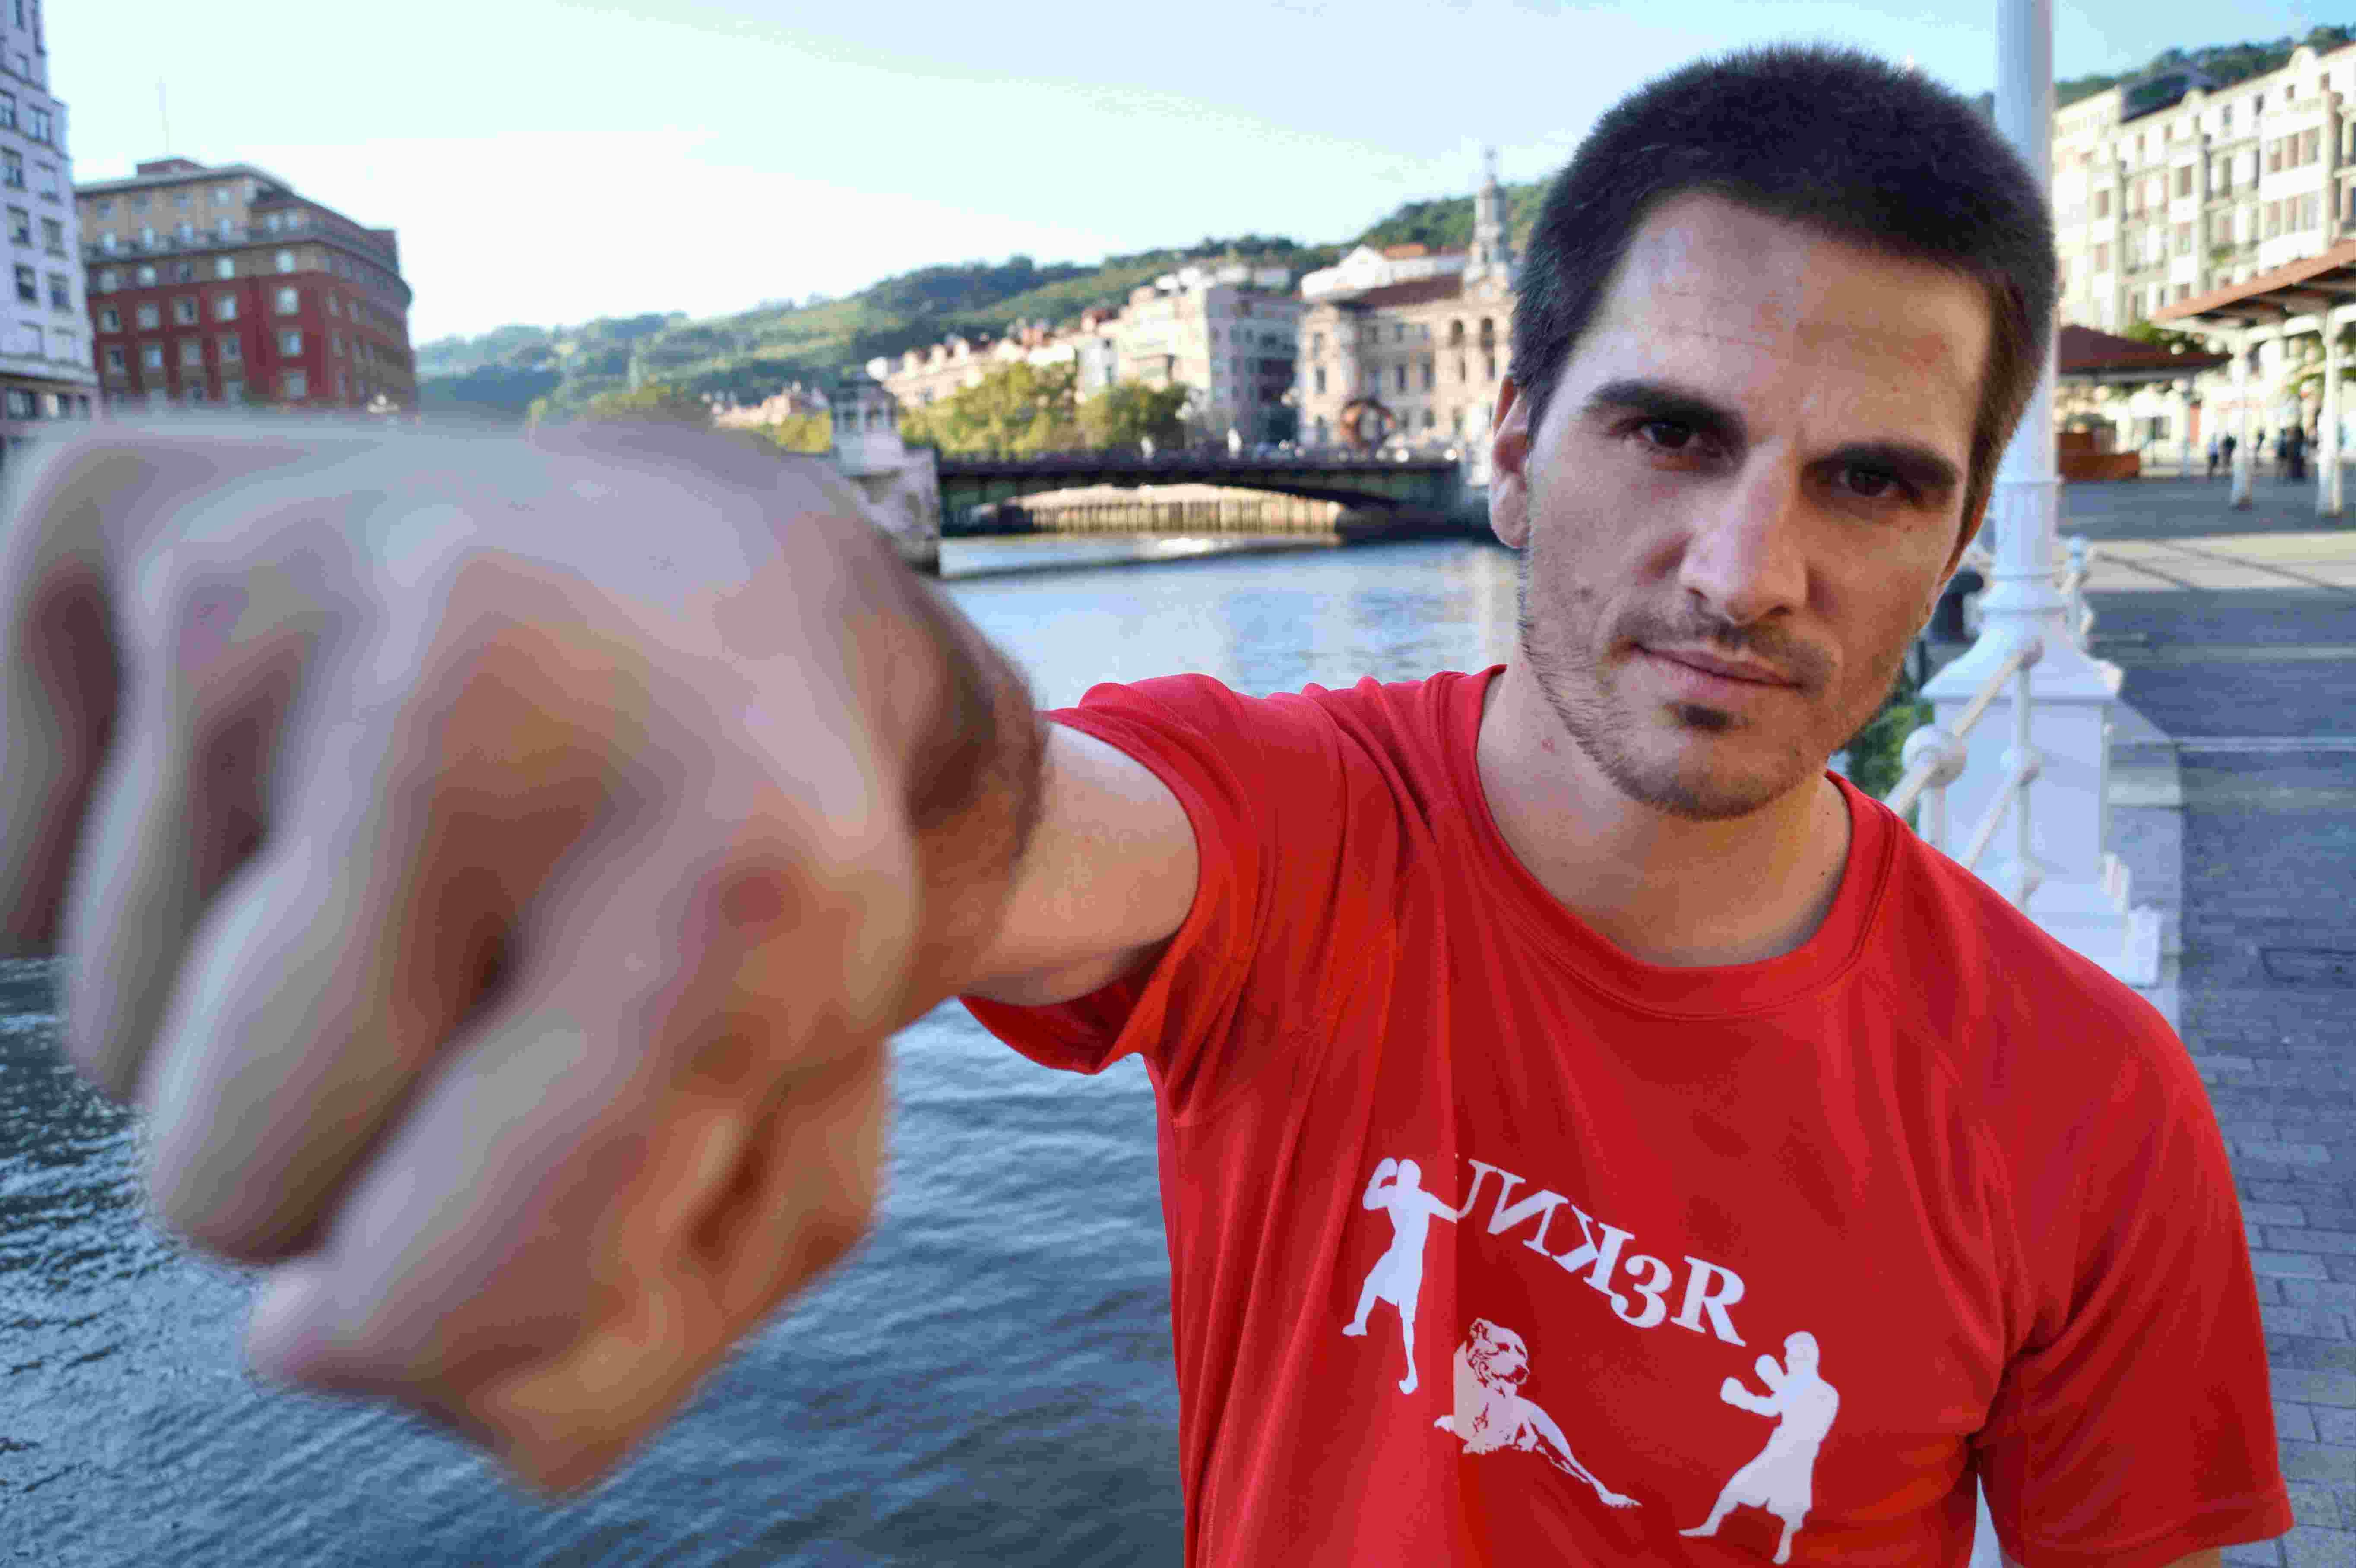 El entrenador de boxeo bilbaino Kepa Sabin